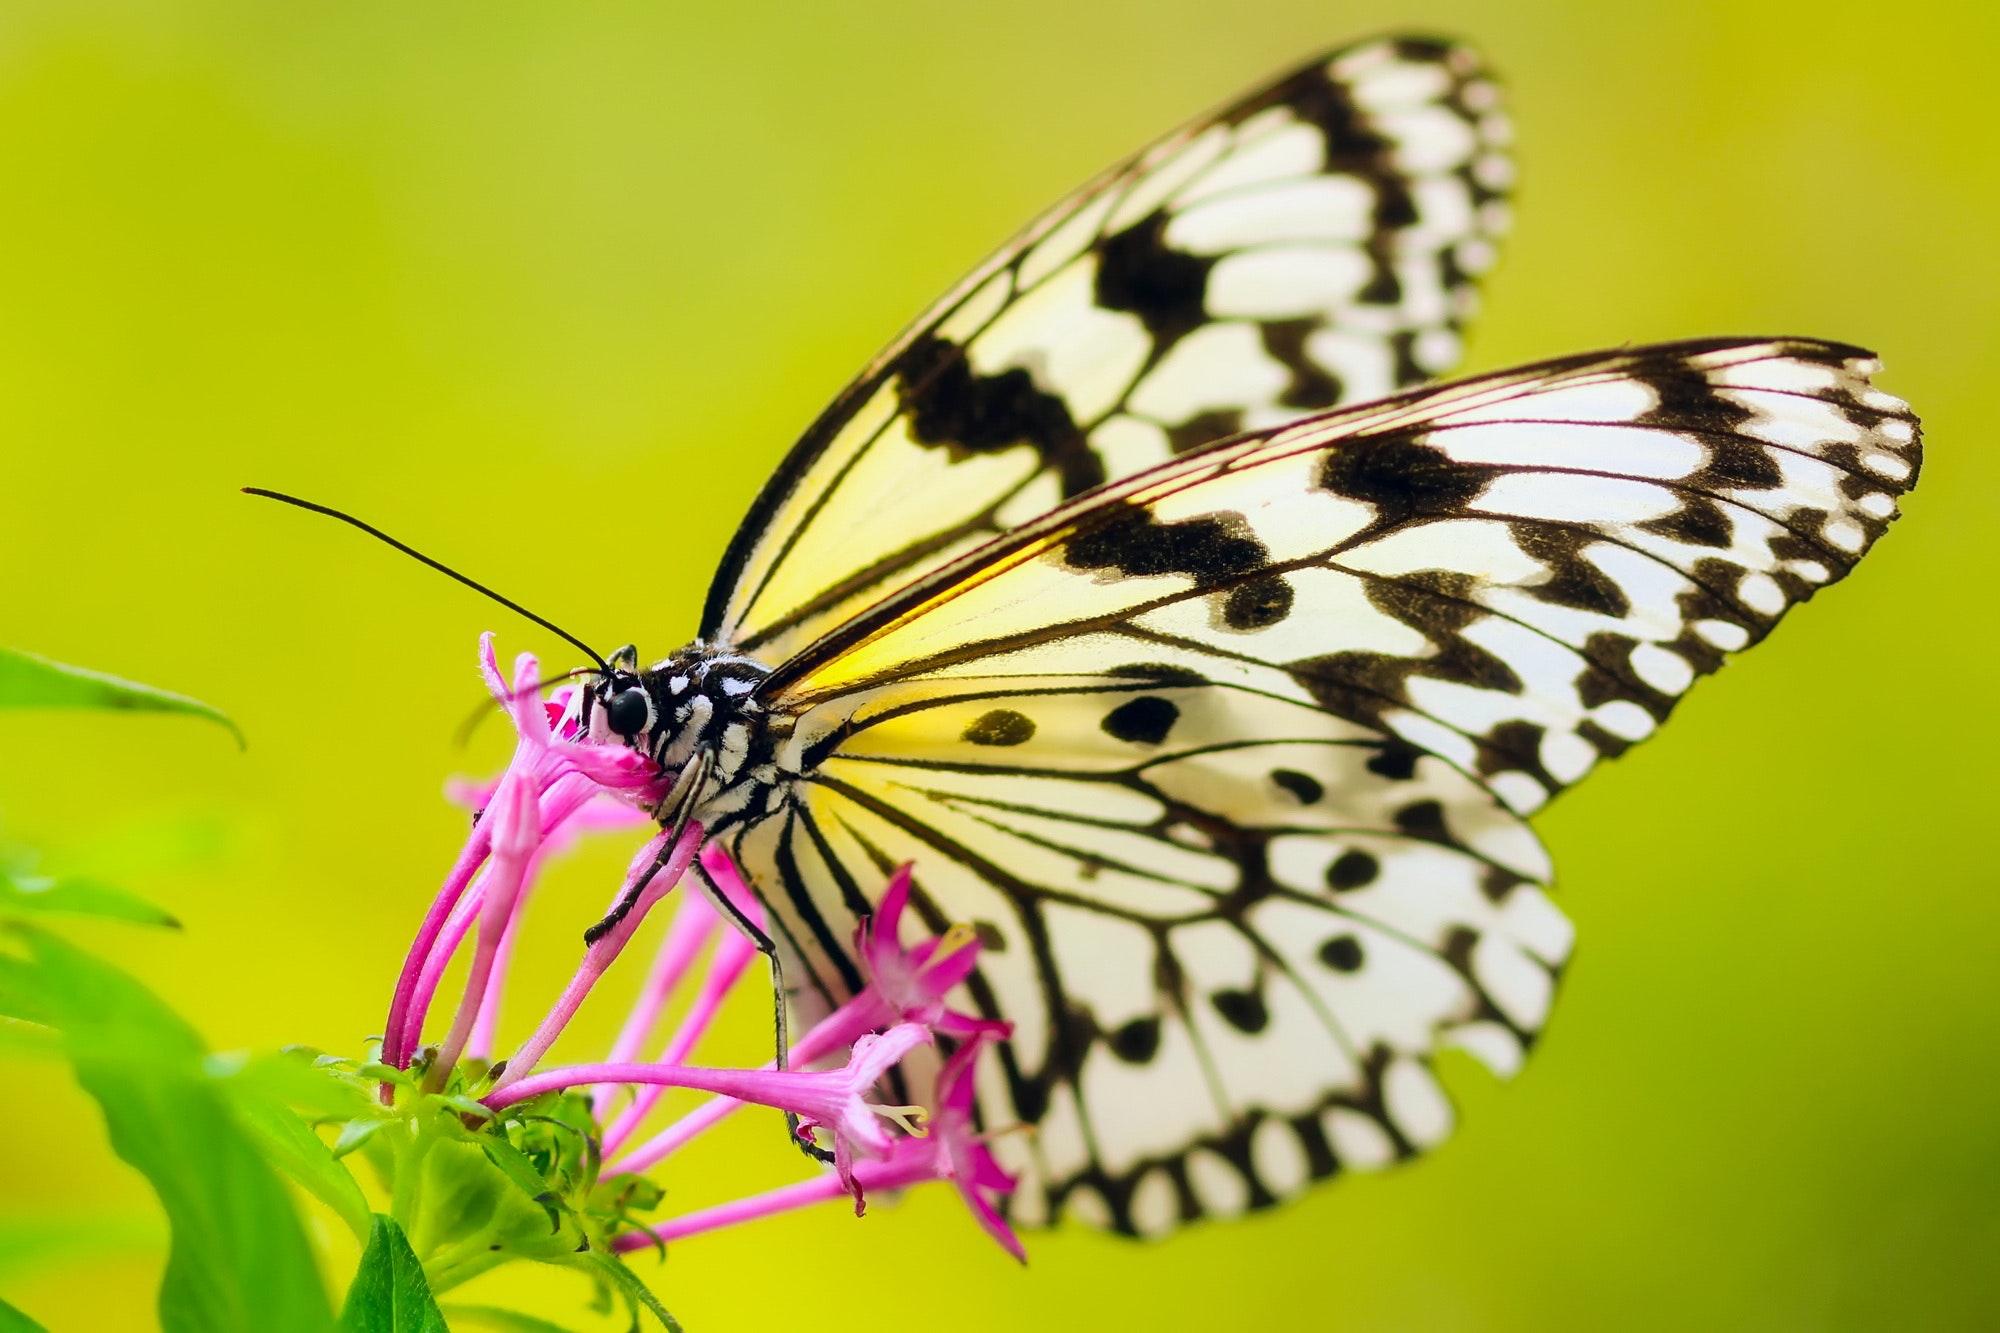 Butterfly Full-Body Release